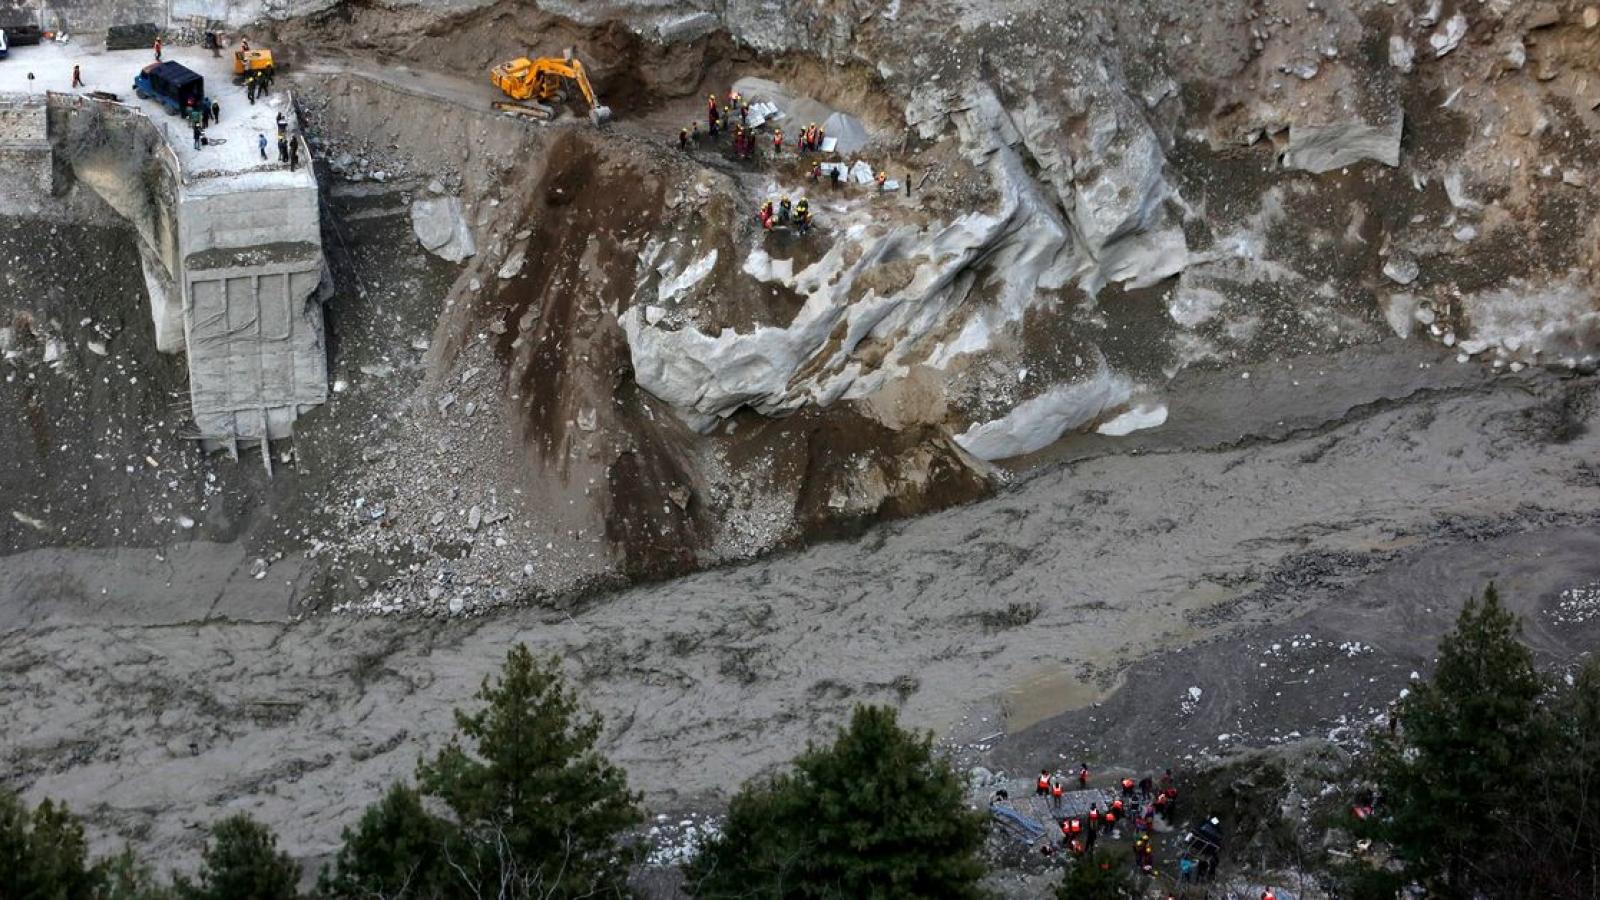 Lở tuyết ở Ấn Độ làm ít nhất 8 người thiệt mạng, 384 người được cứu